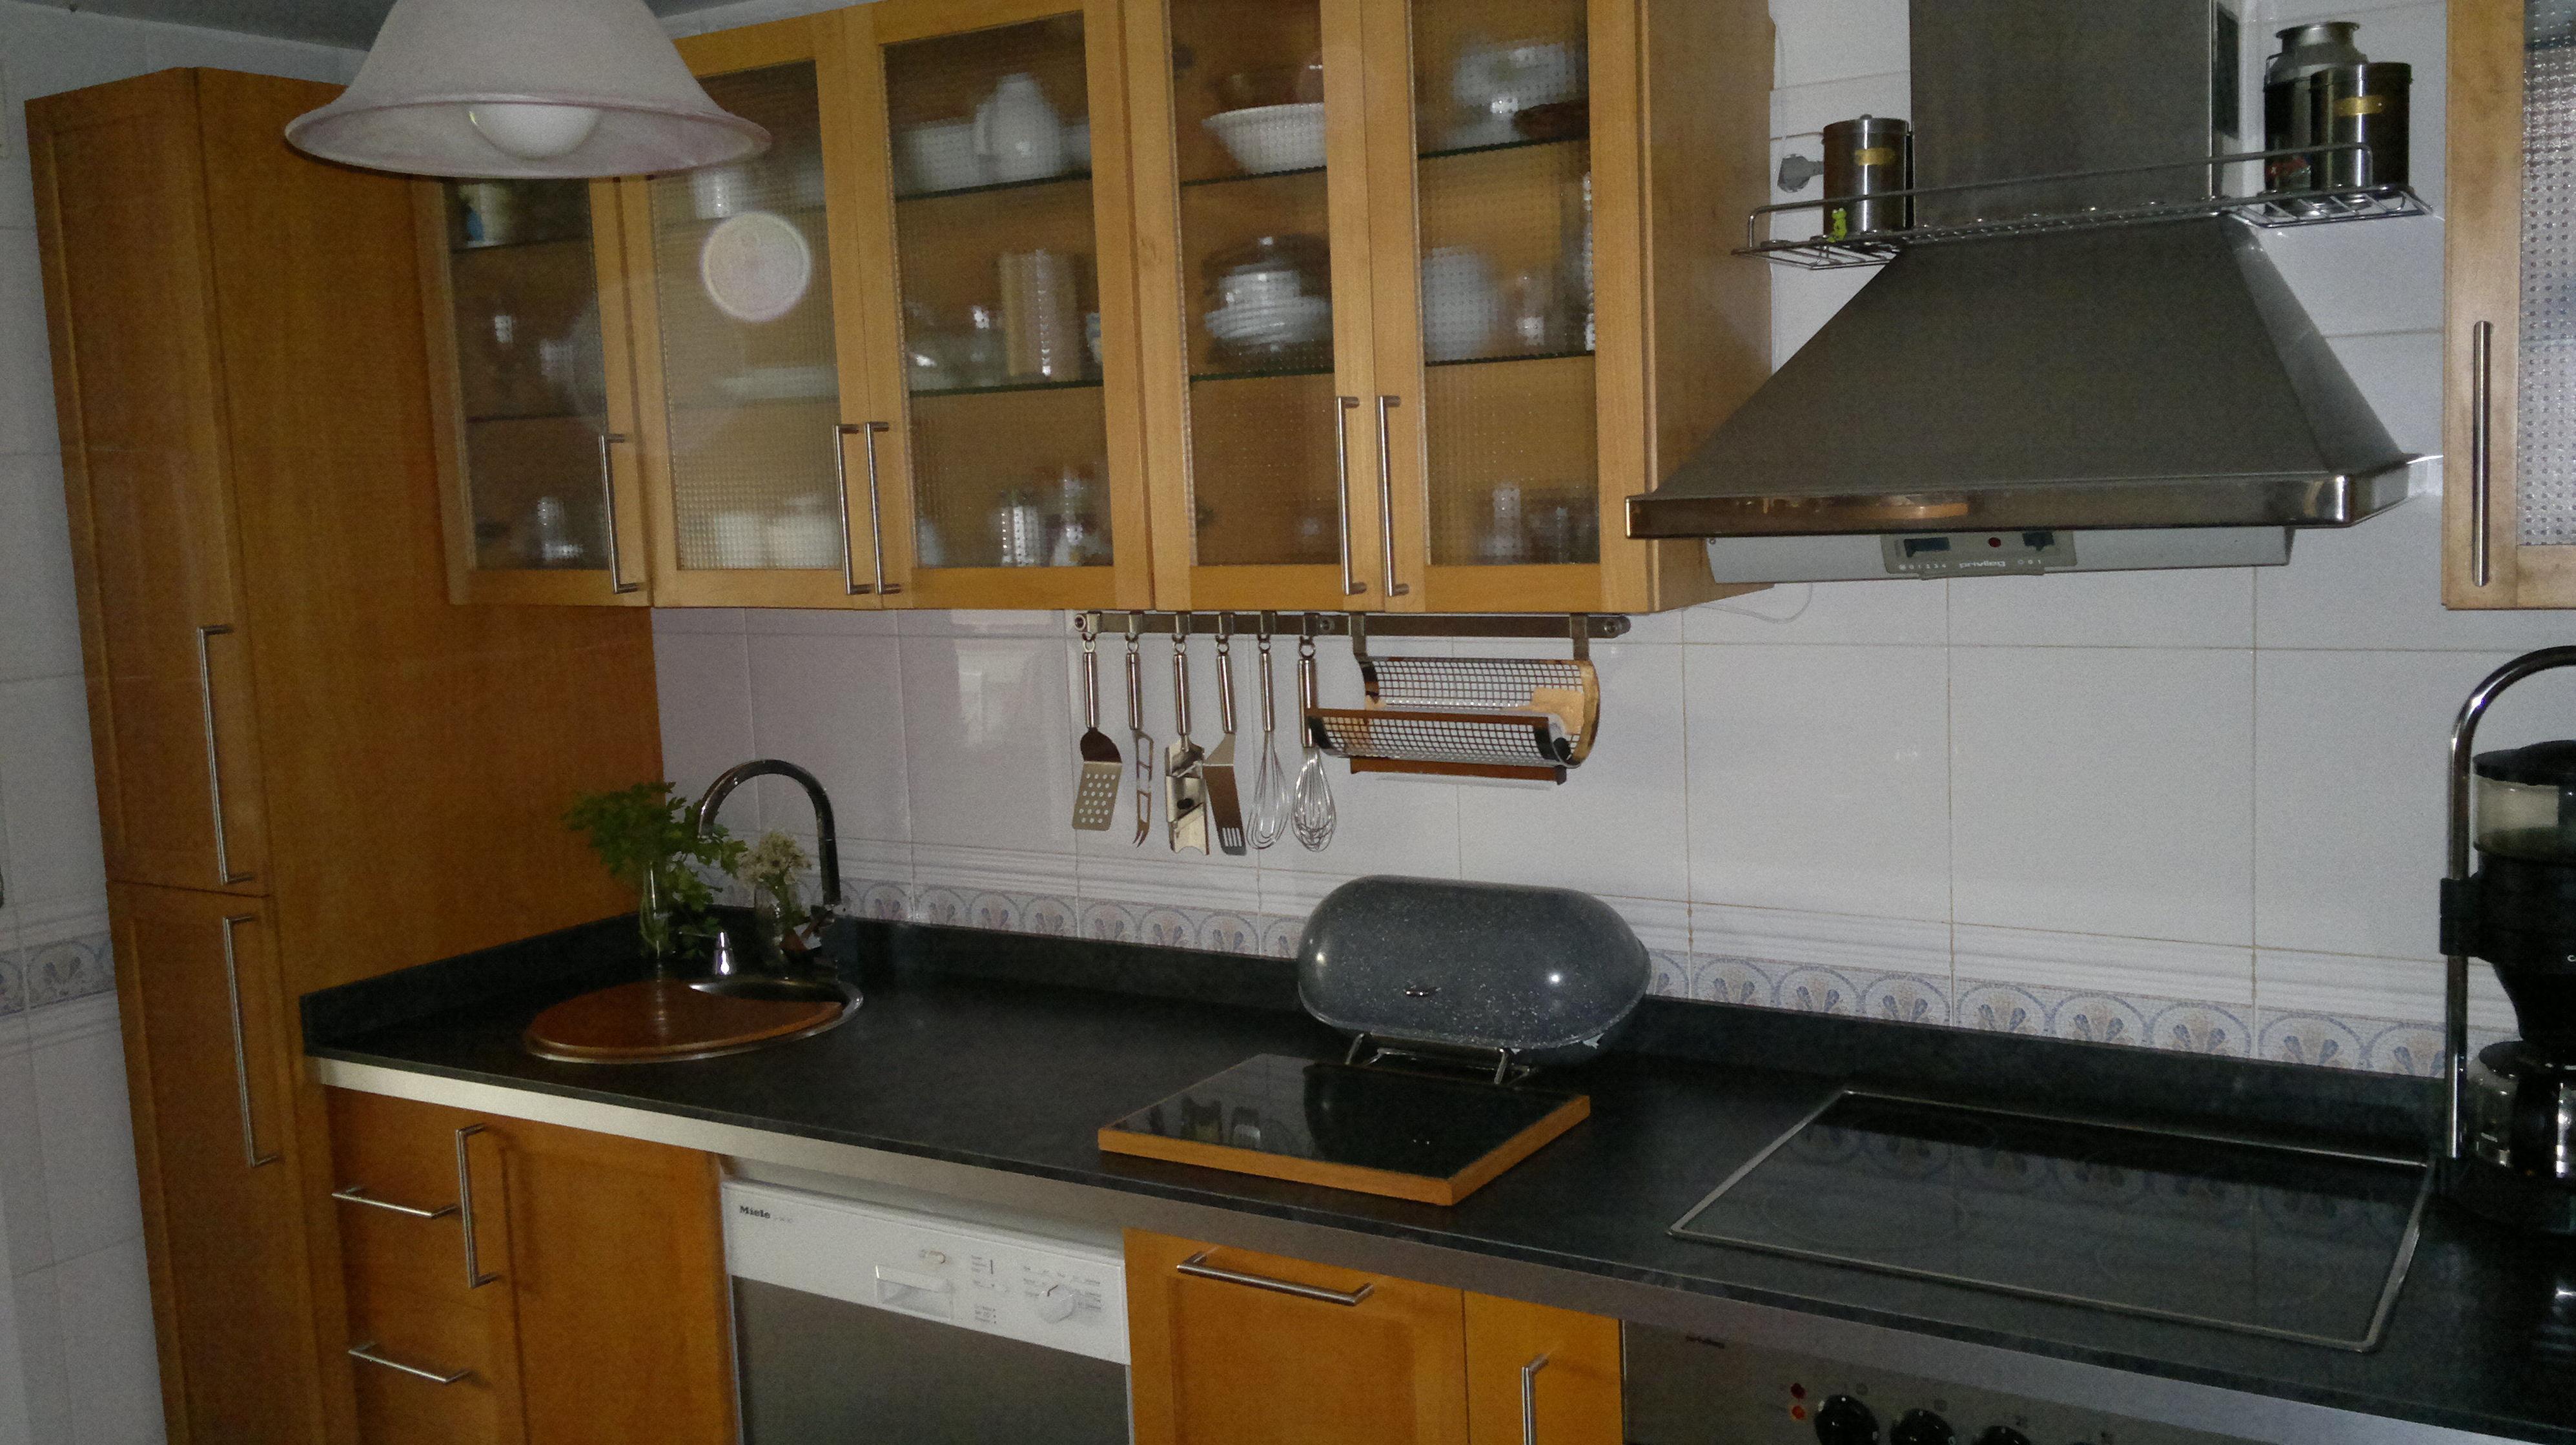 Único Menú De Cocina Lyfe Ornamento - Ideas Del Gabinete de Cocina ...